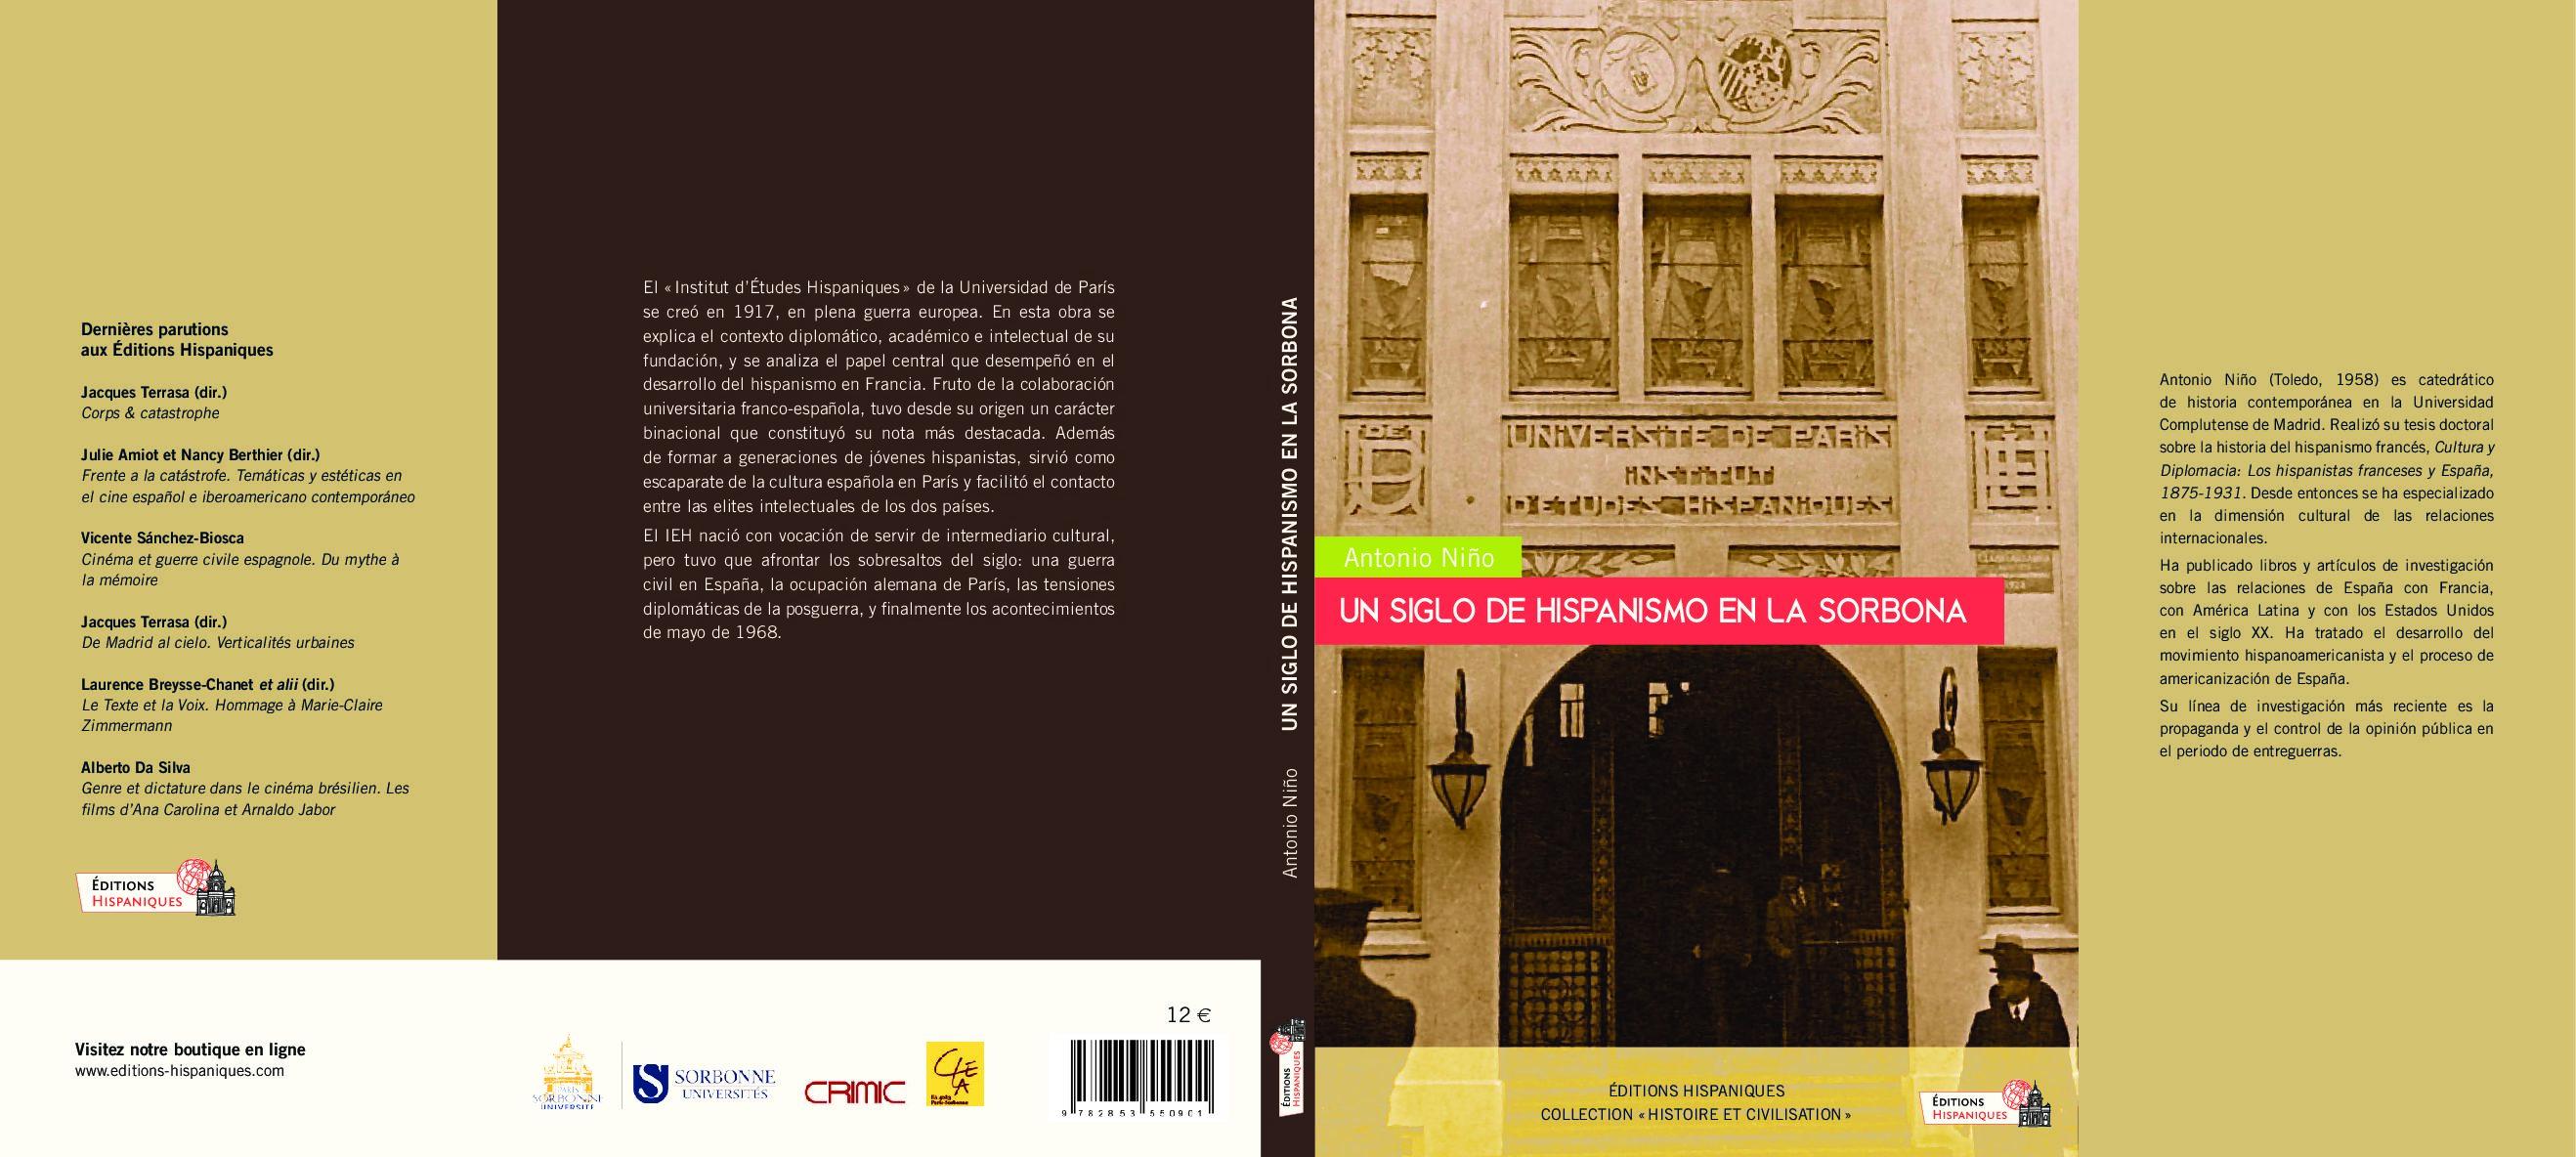 Un siglo de hispanismo en la Sorbona